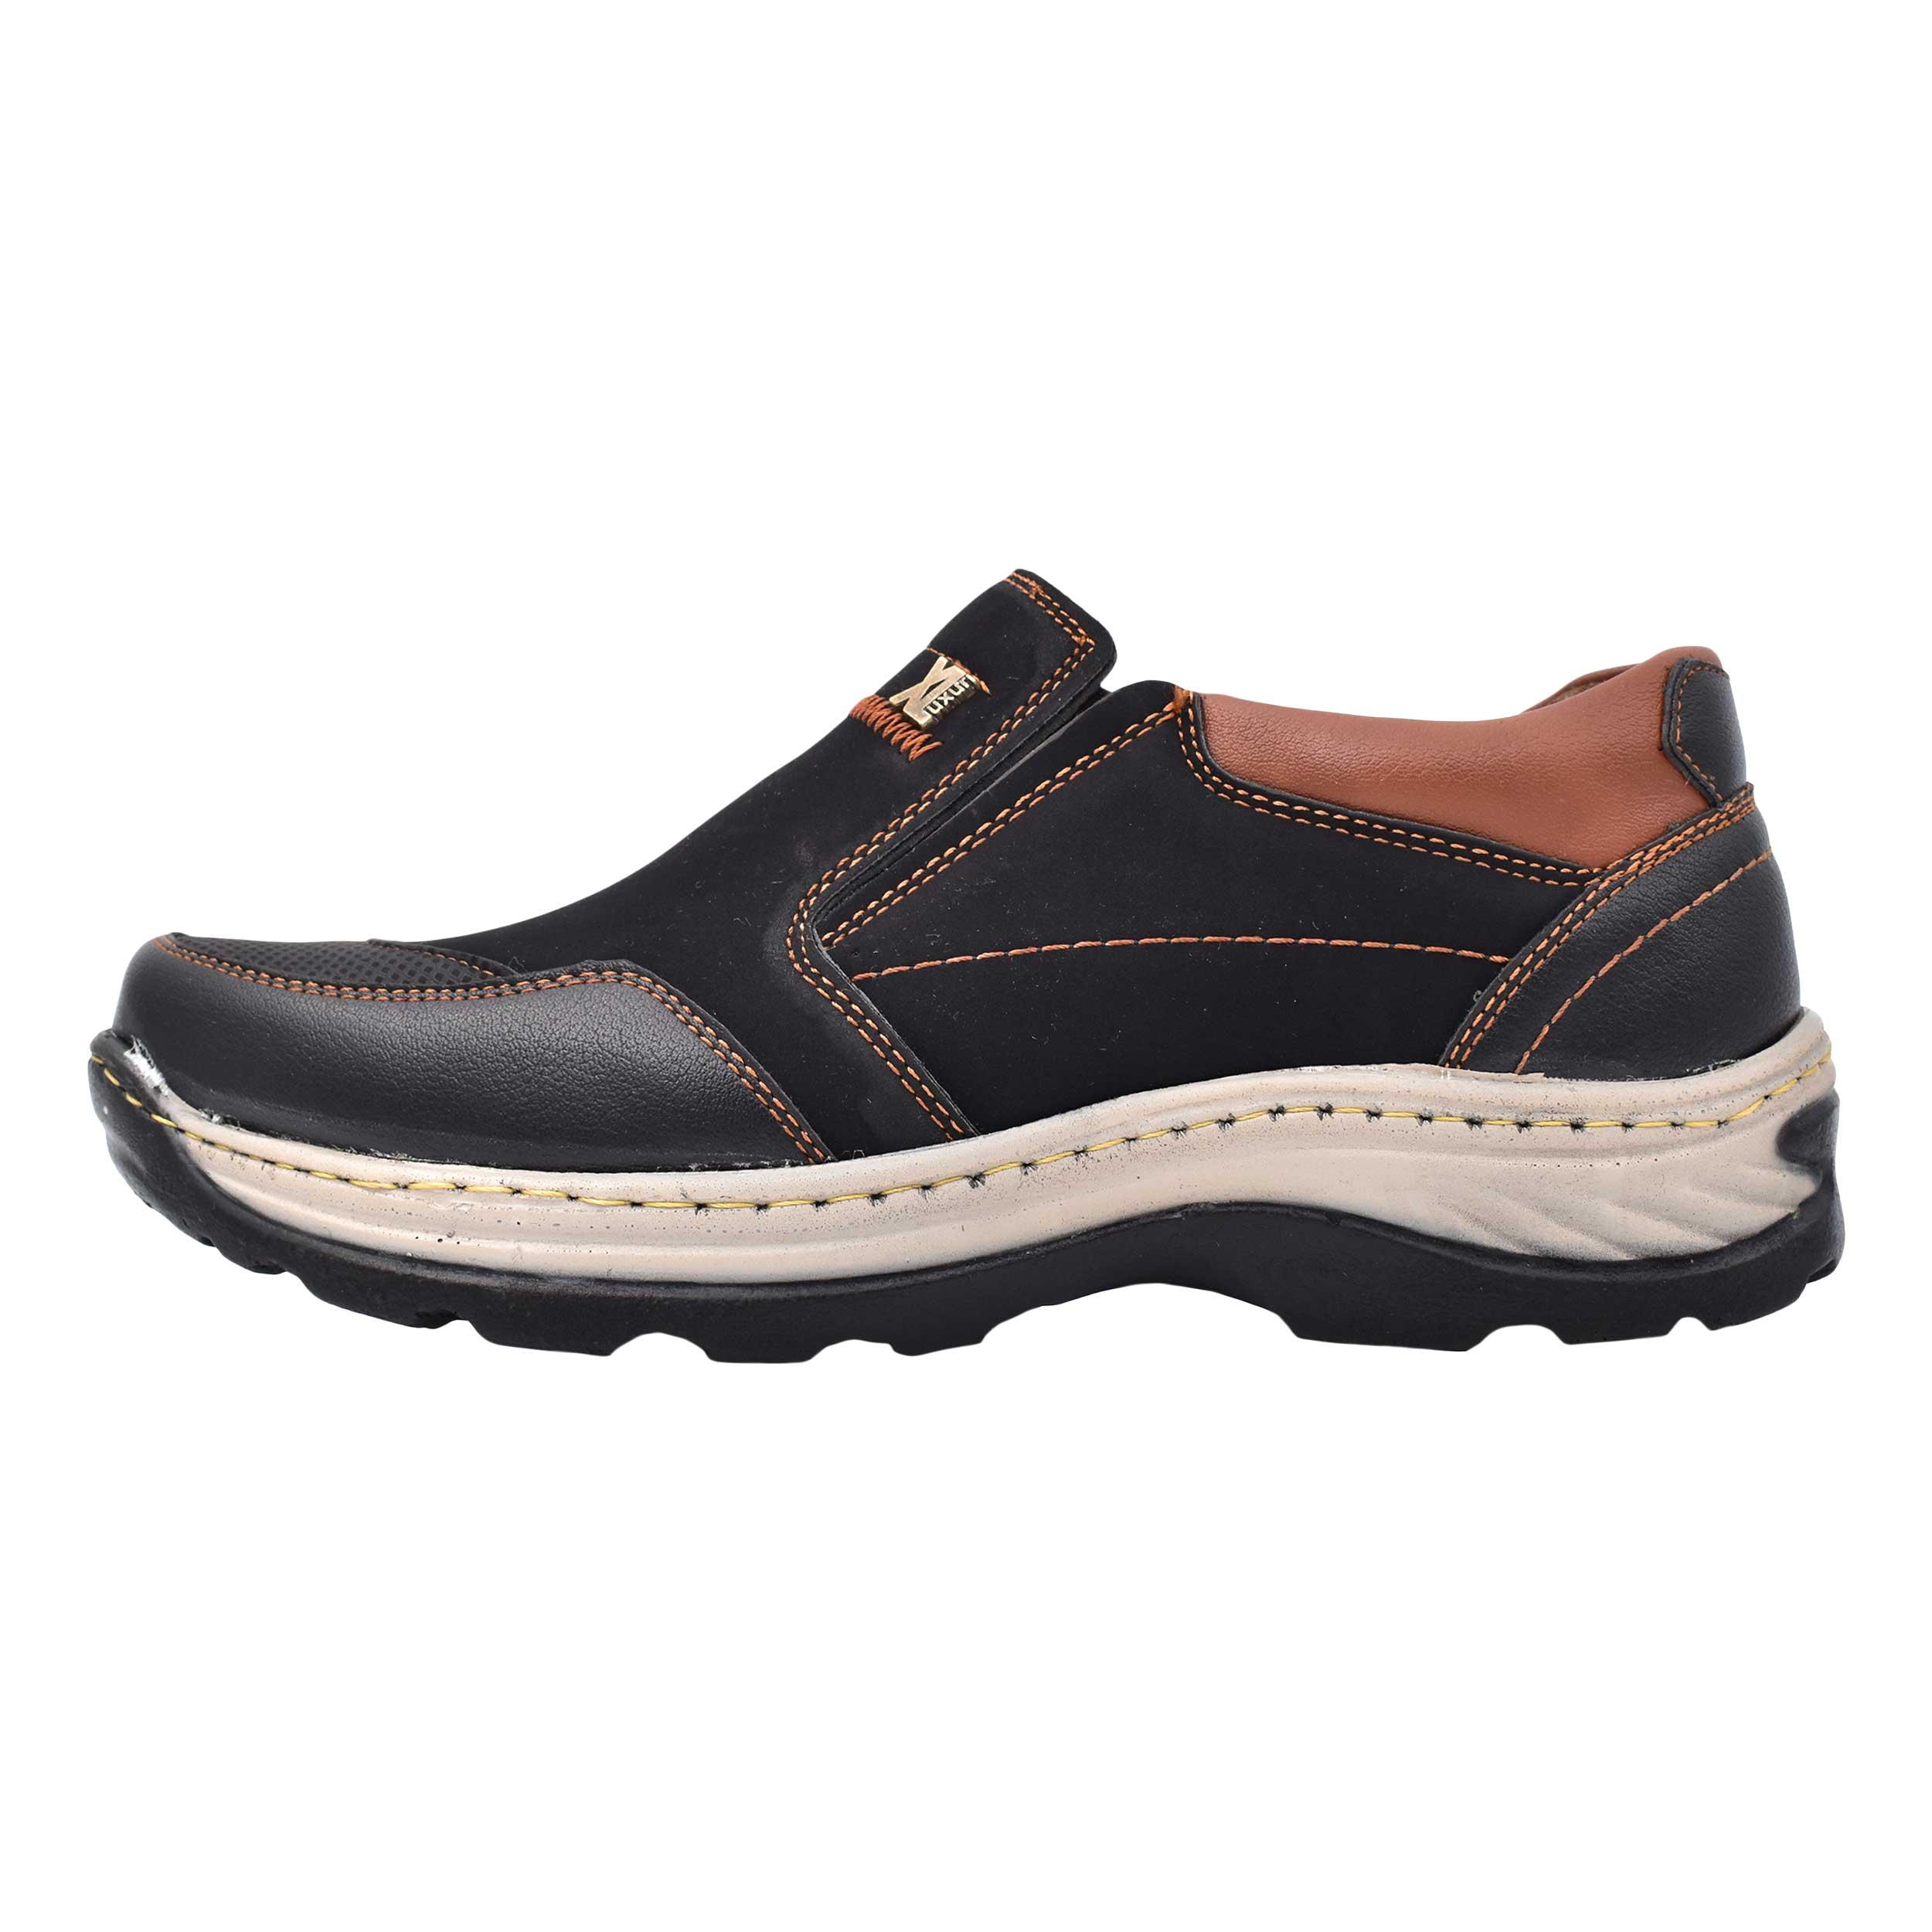 کفش روزمره مردانه مدل الیور کد 7465